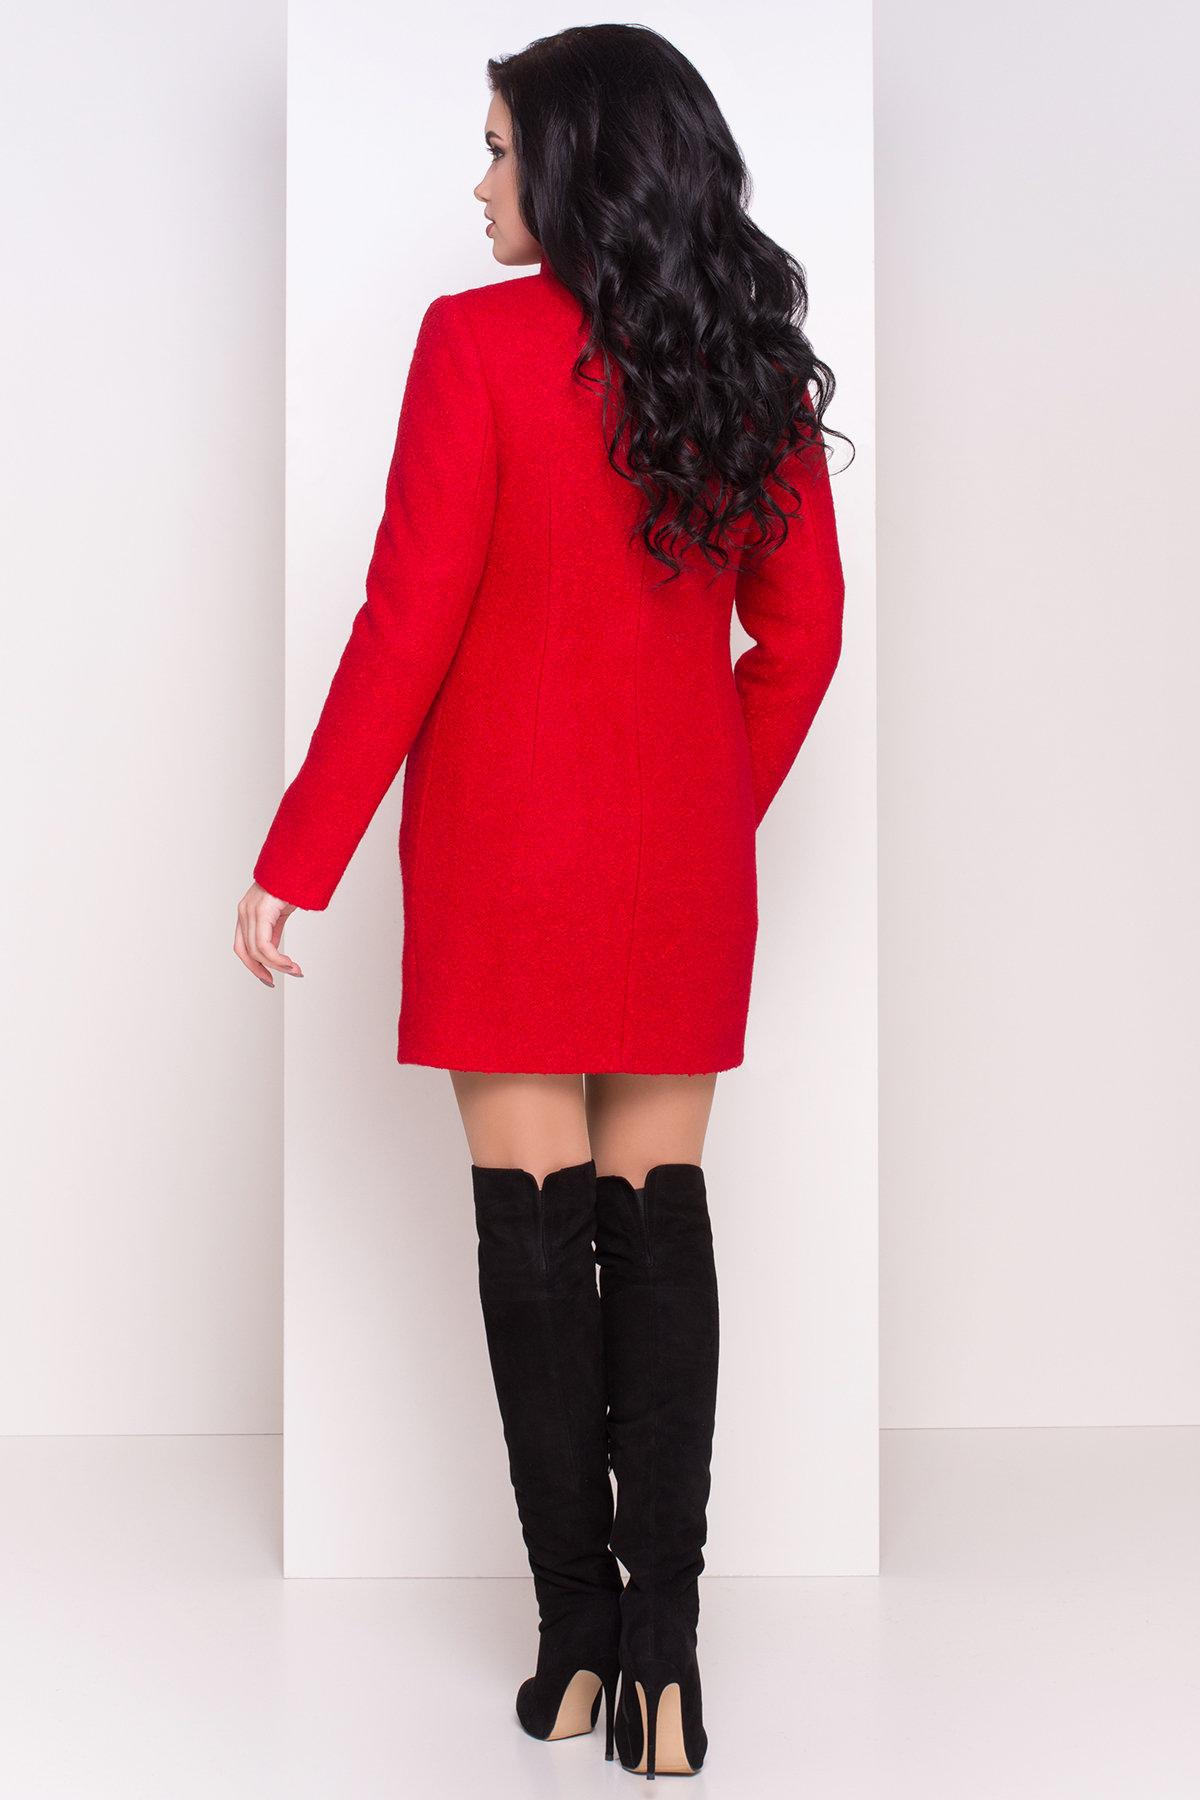 Зимнее пальто шерсть-букле Сан-Ремо 0939 АРТ. 8303 Цвет: Красный - фото 3, интернет магазин tm-modus.ru